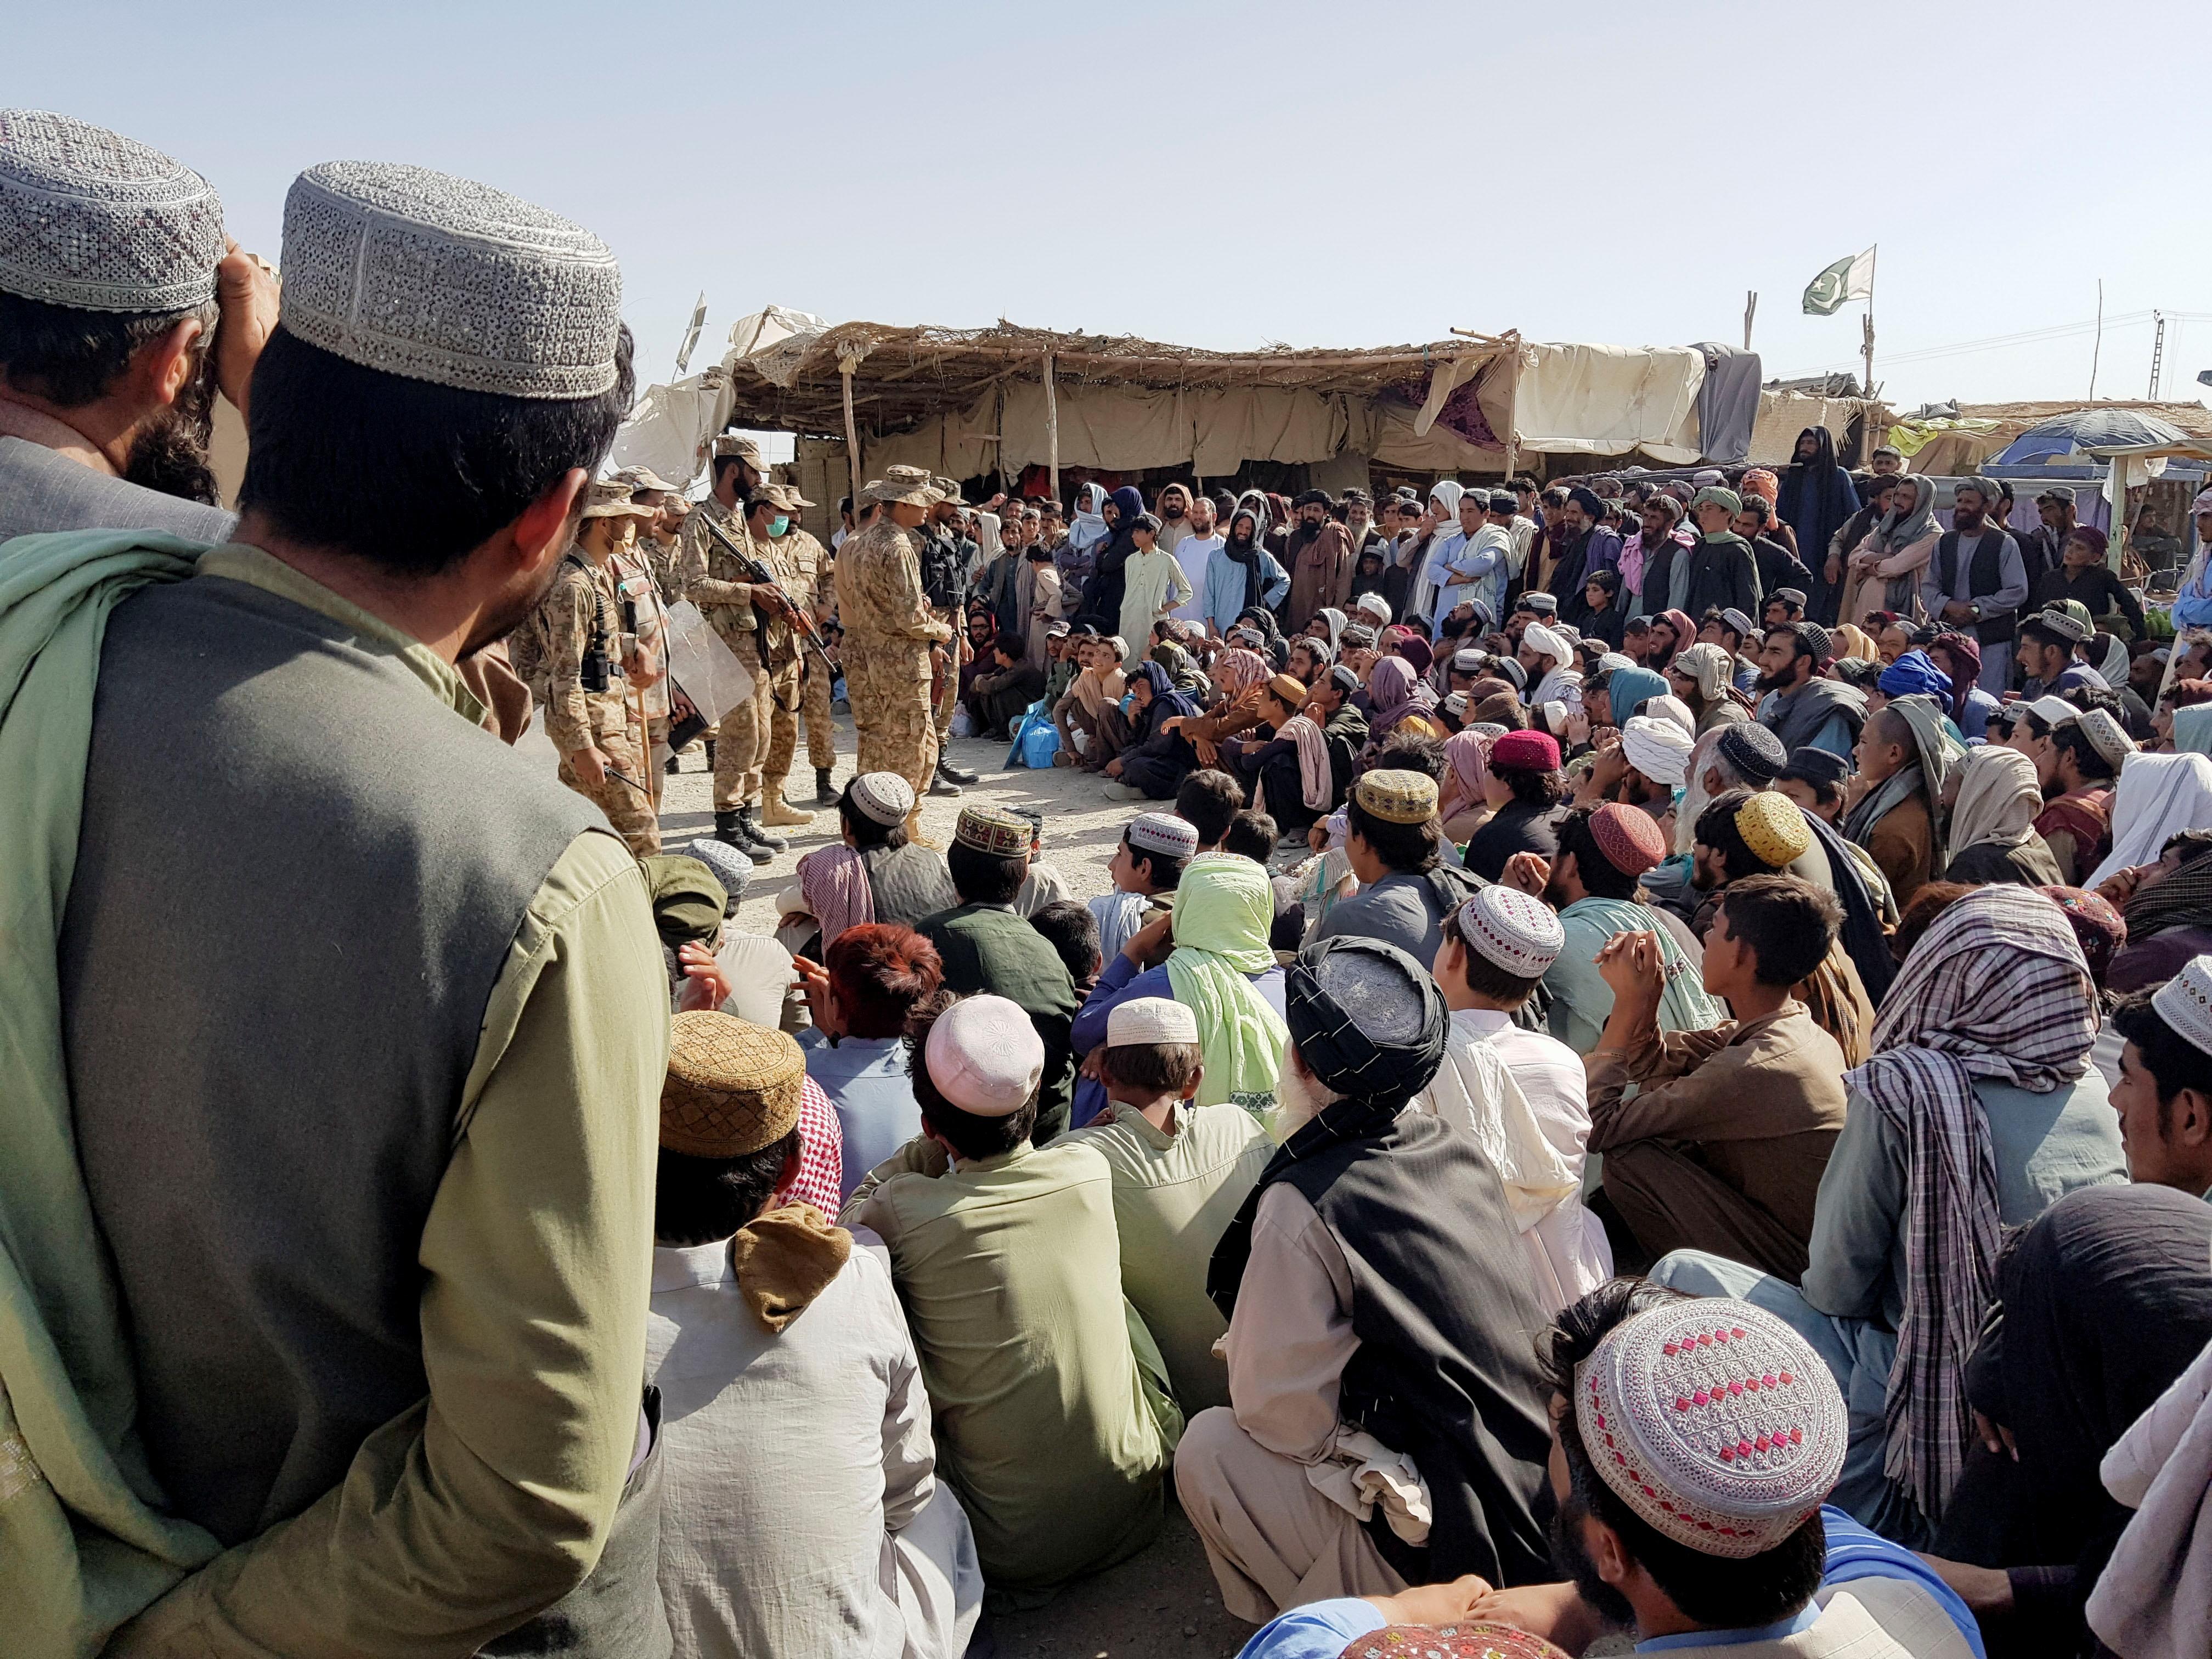 अफगानिस्तान-पाकिस्तान बॉर्डर पर लोगों का हुजूम उमड़ा हुआ है। ये पाकिस्तान की ओर पलायन करना चाहते हैं। यहां पाकिस्तानी सेना का कड़ा पहरा है।